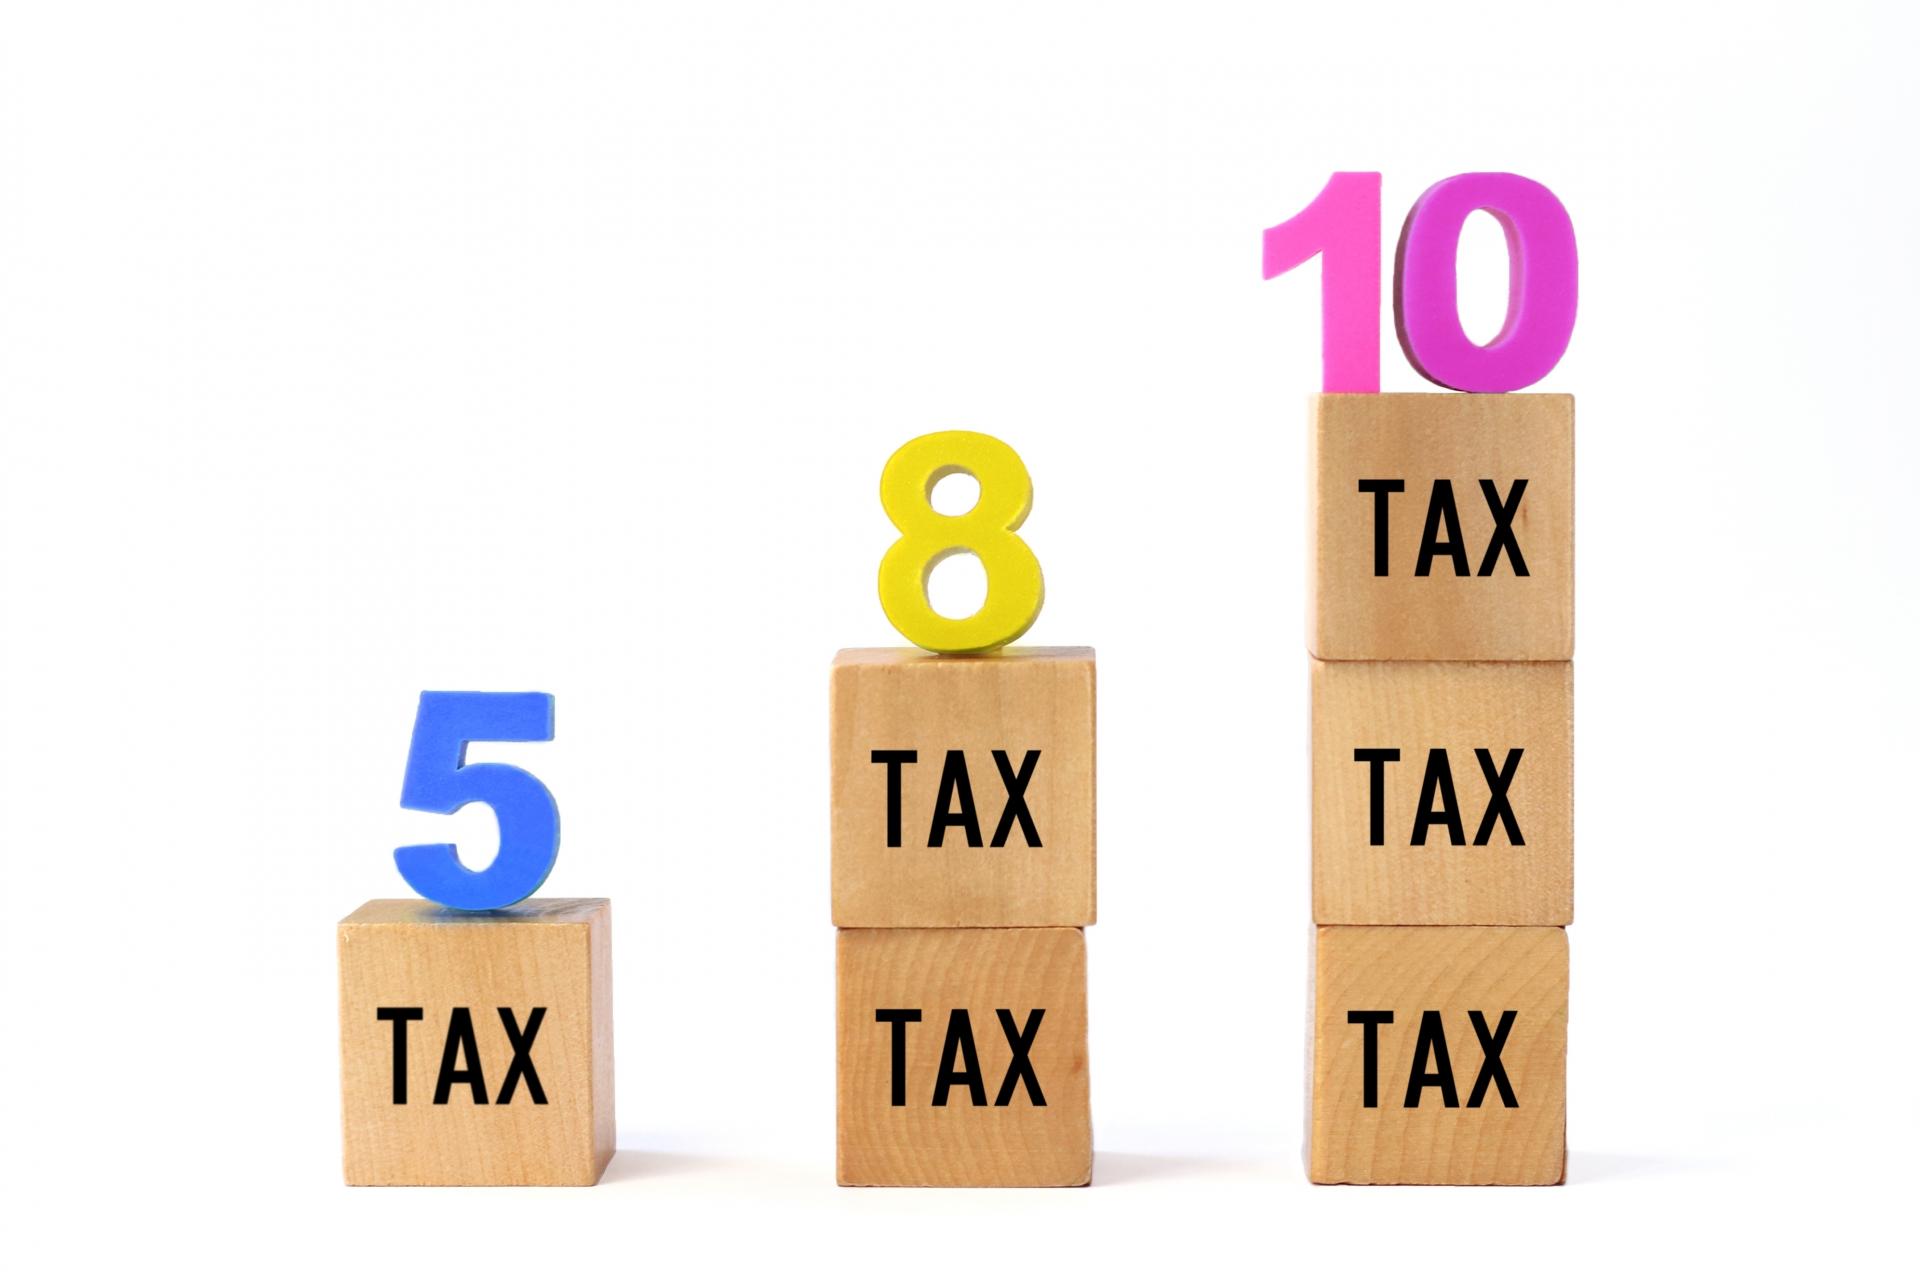 消費税率アップ